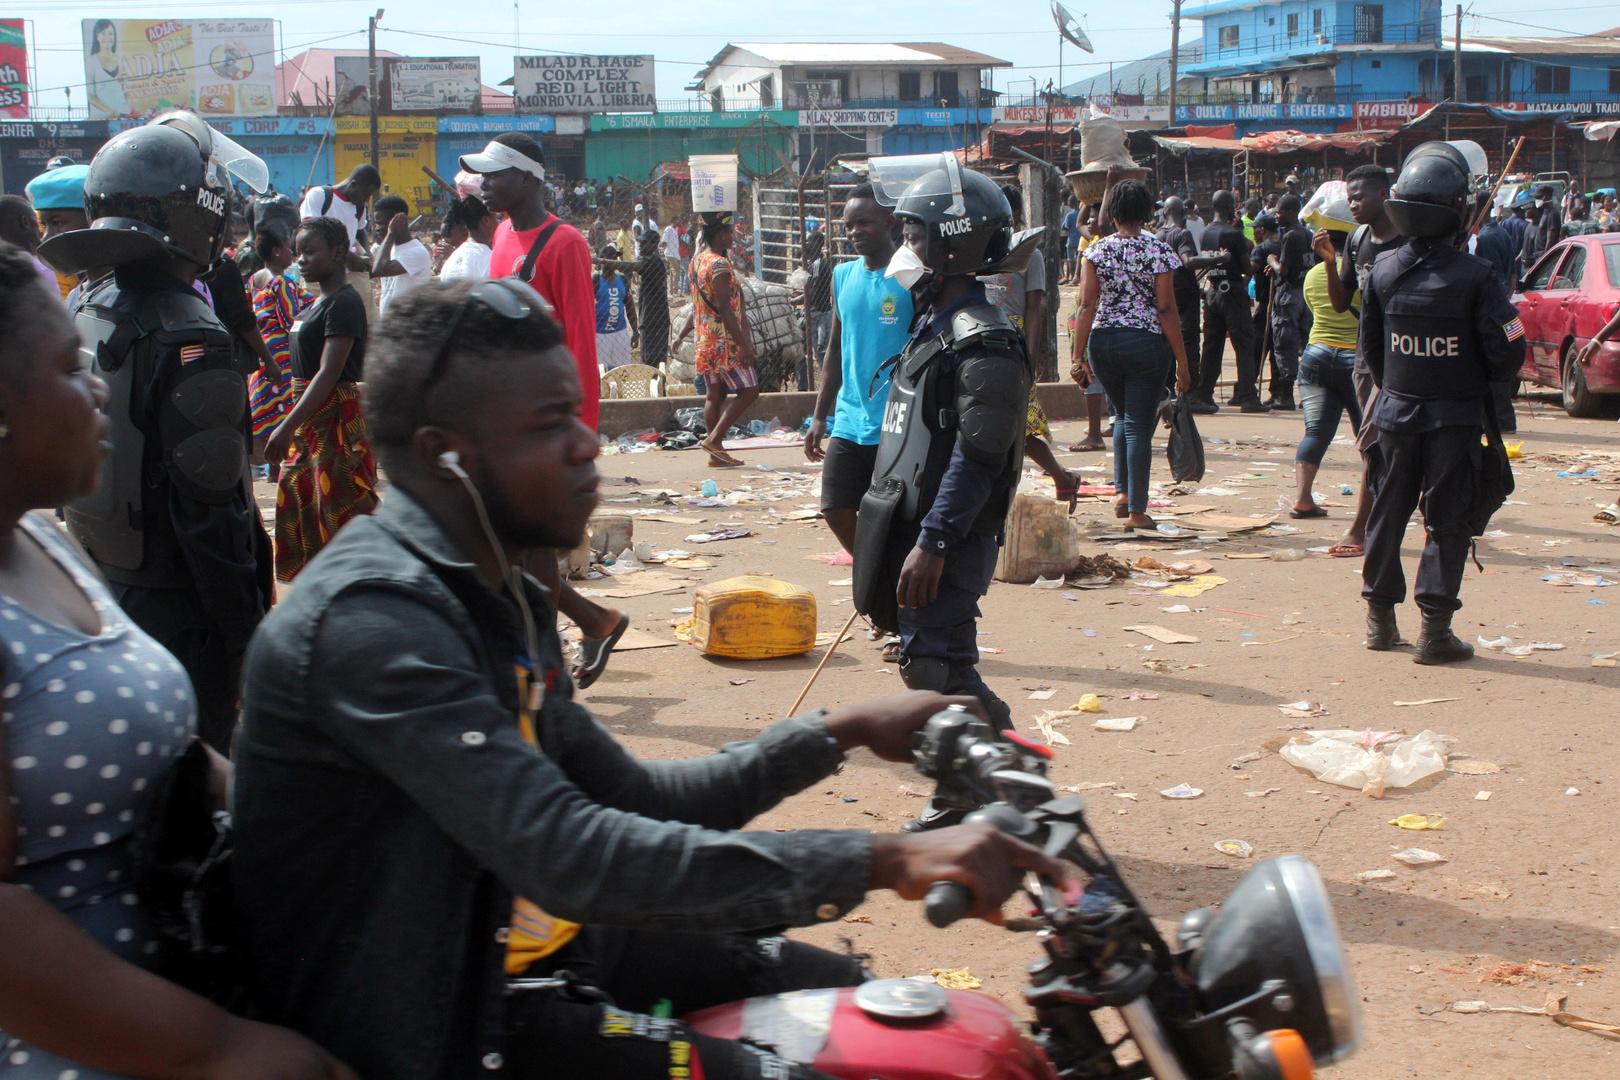 البابا فرانسيس يرسل مساعدات إلى ليبيريا لمواجهة كورونا